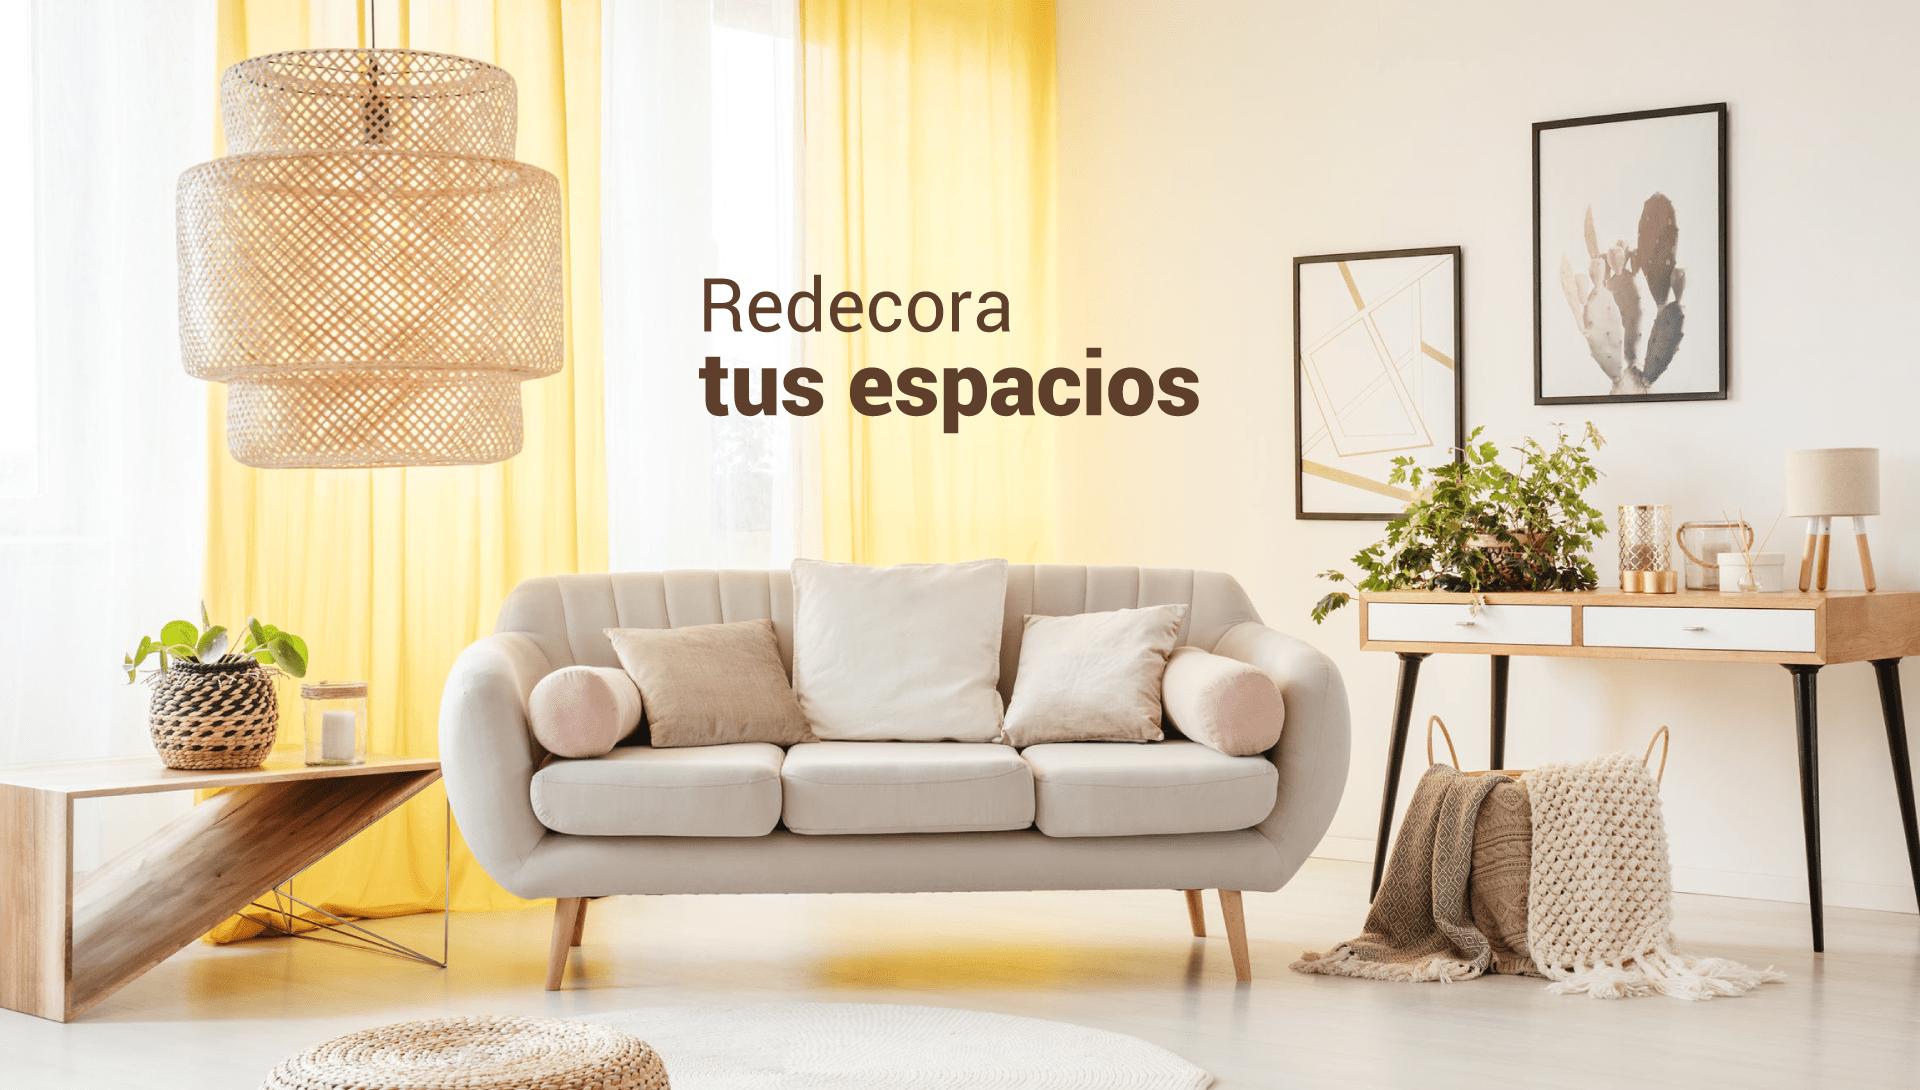 Redecora tus espacios